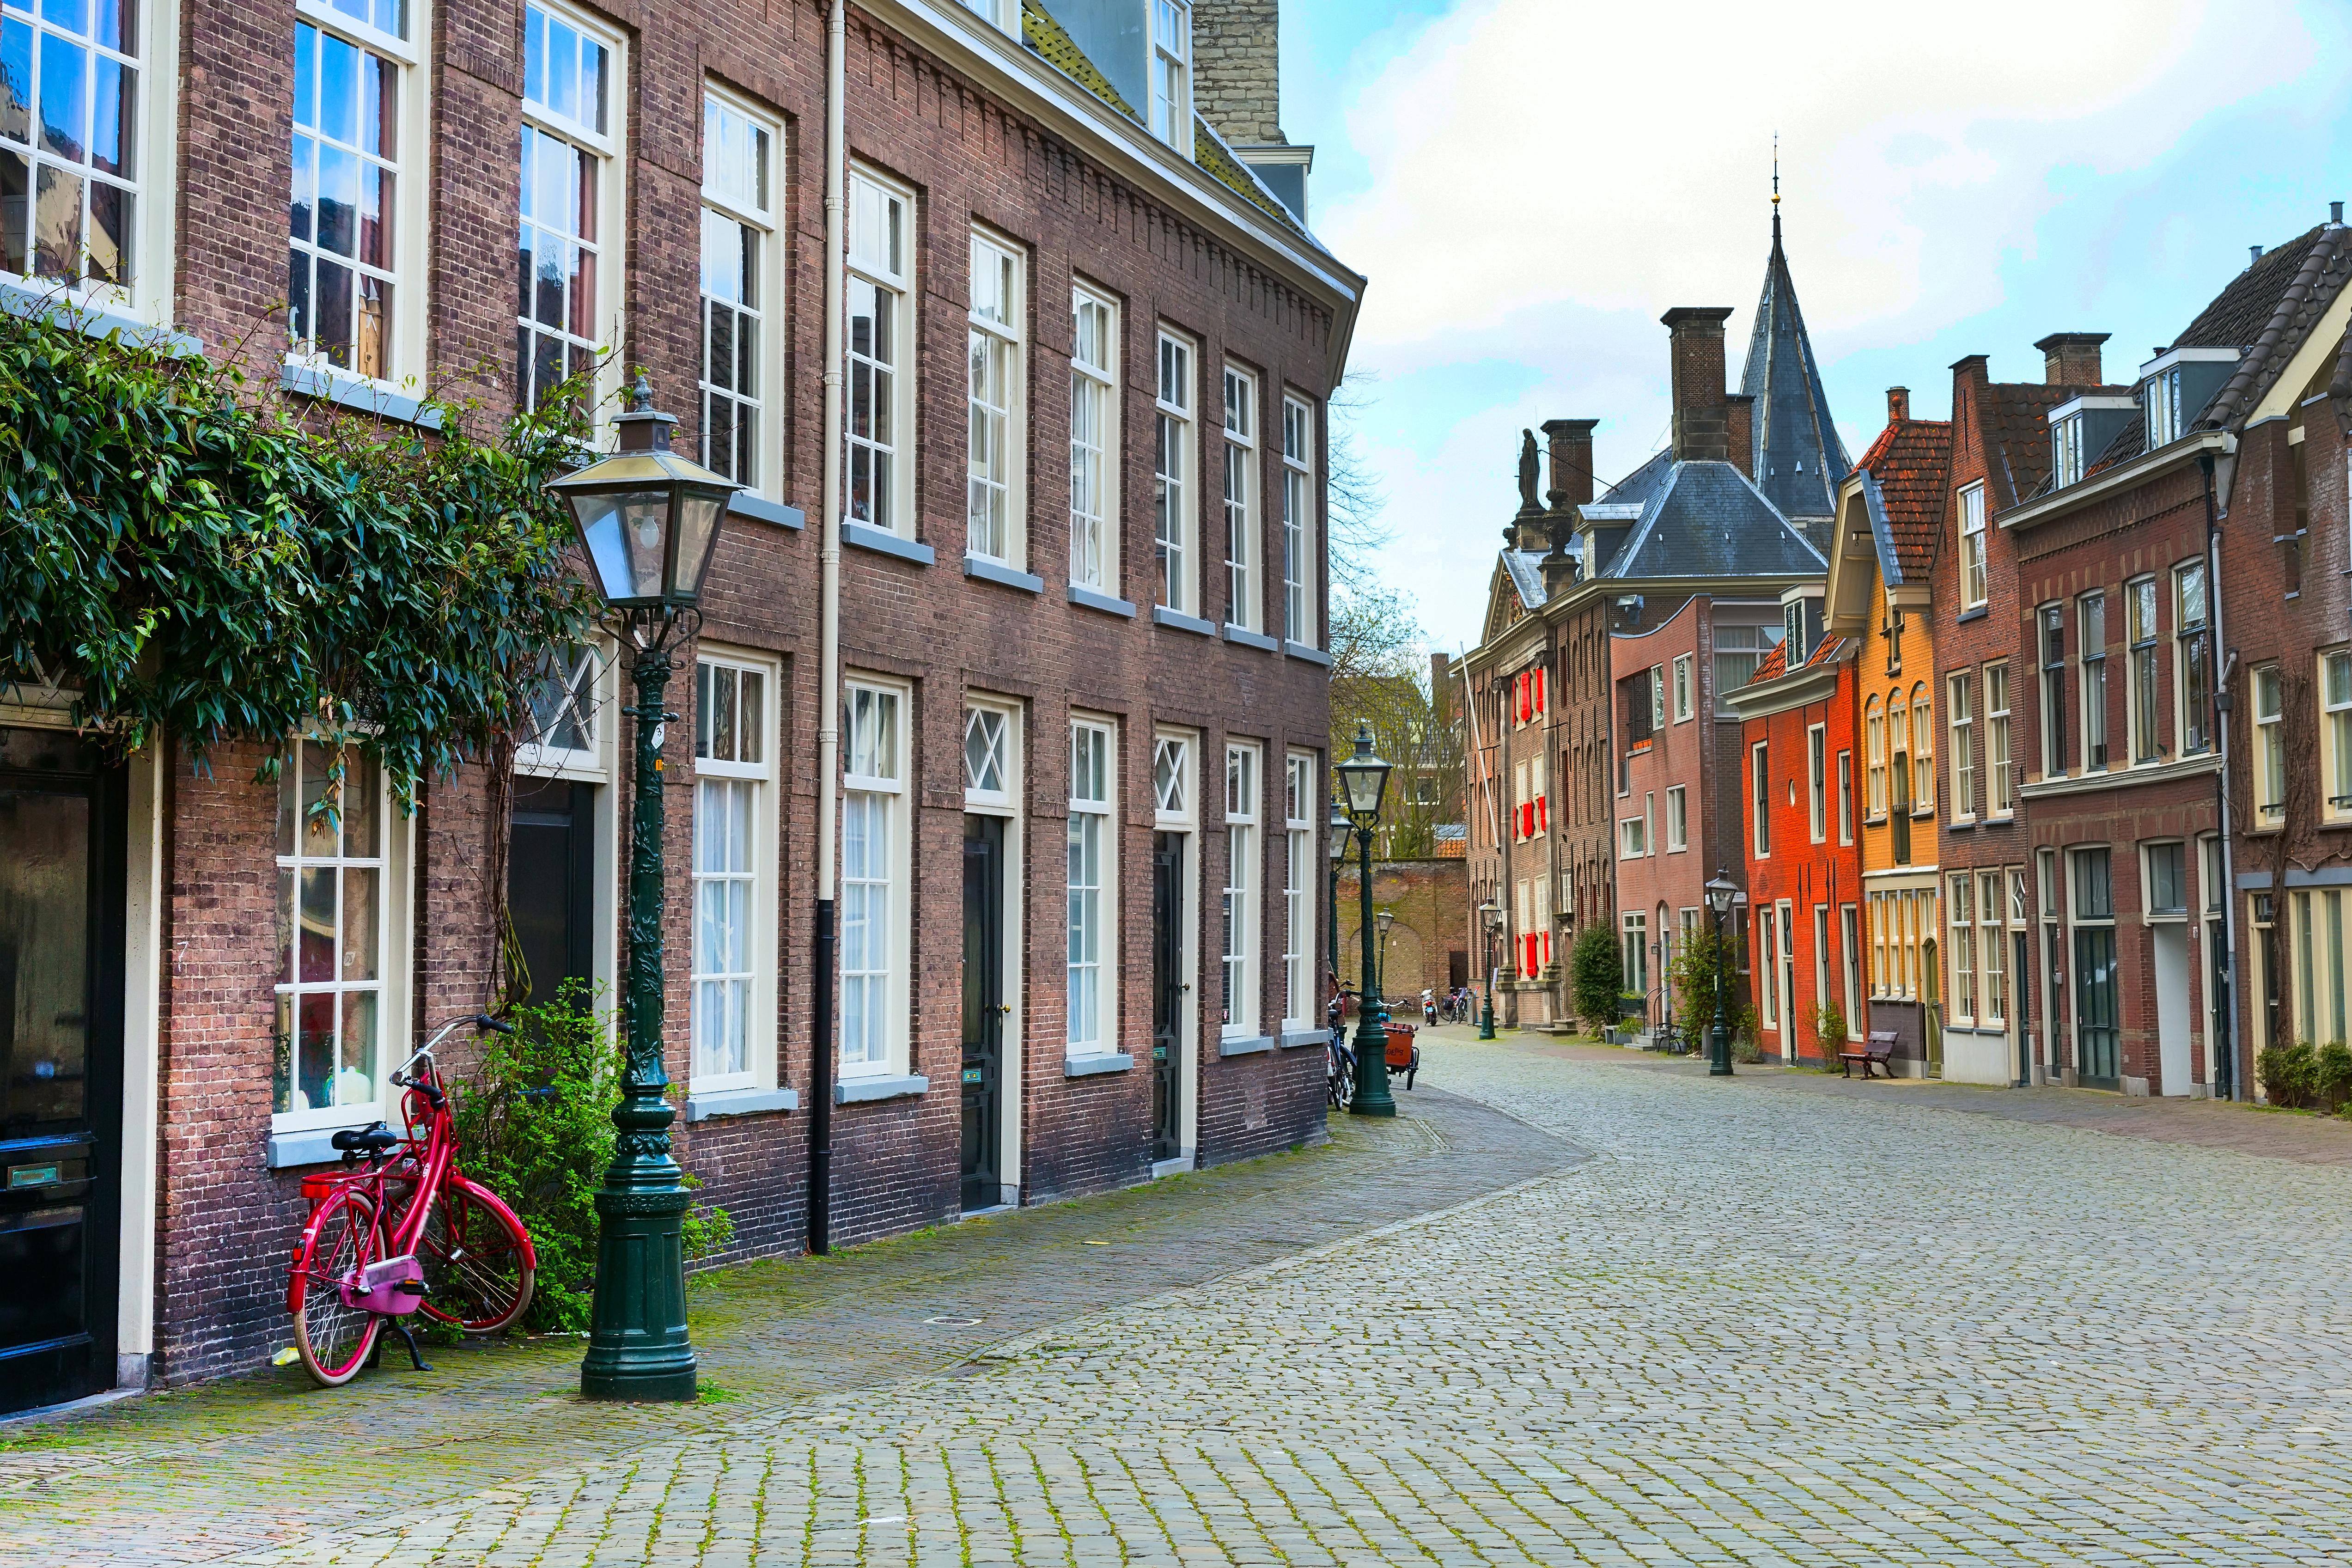 Вид на улицу в Нидерландах, стране, недвижимость в которой могут купить иностранцы